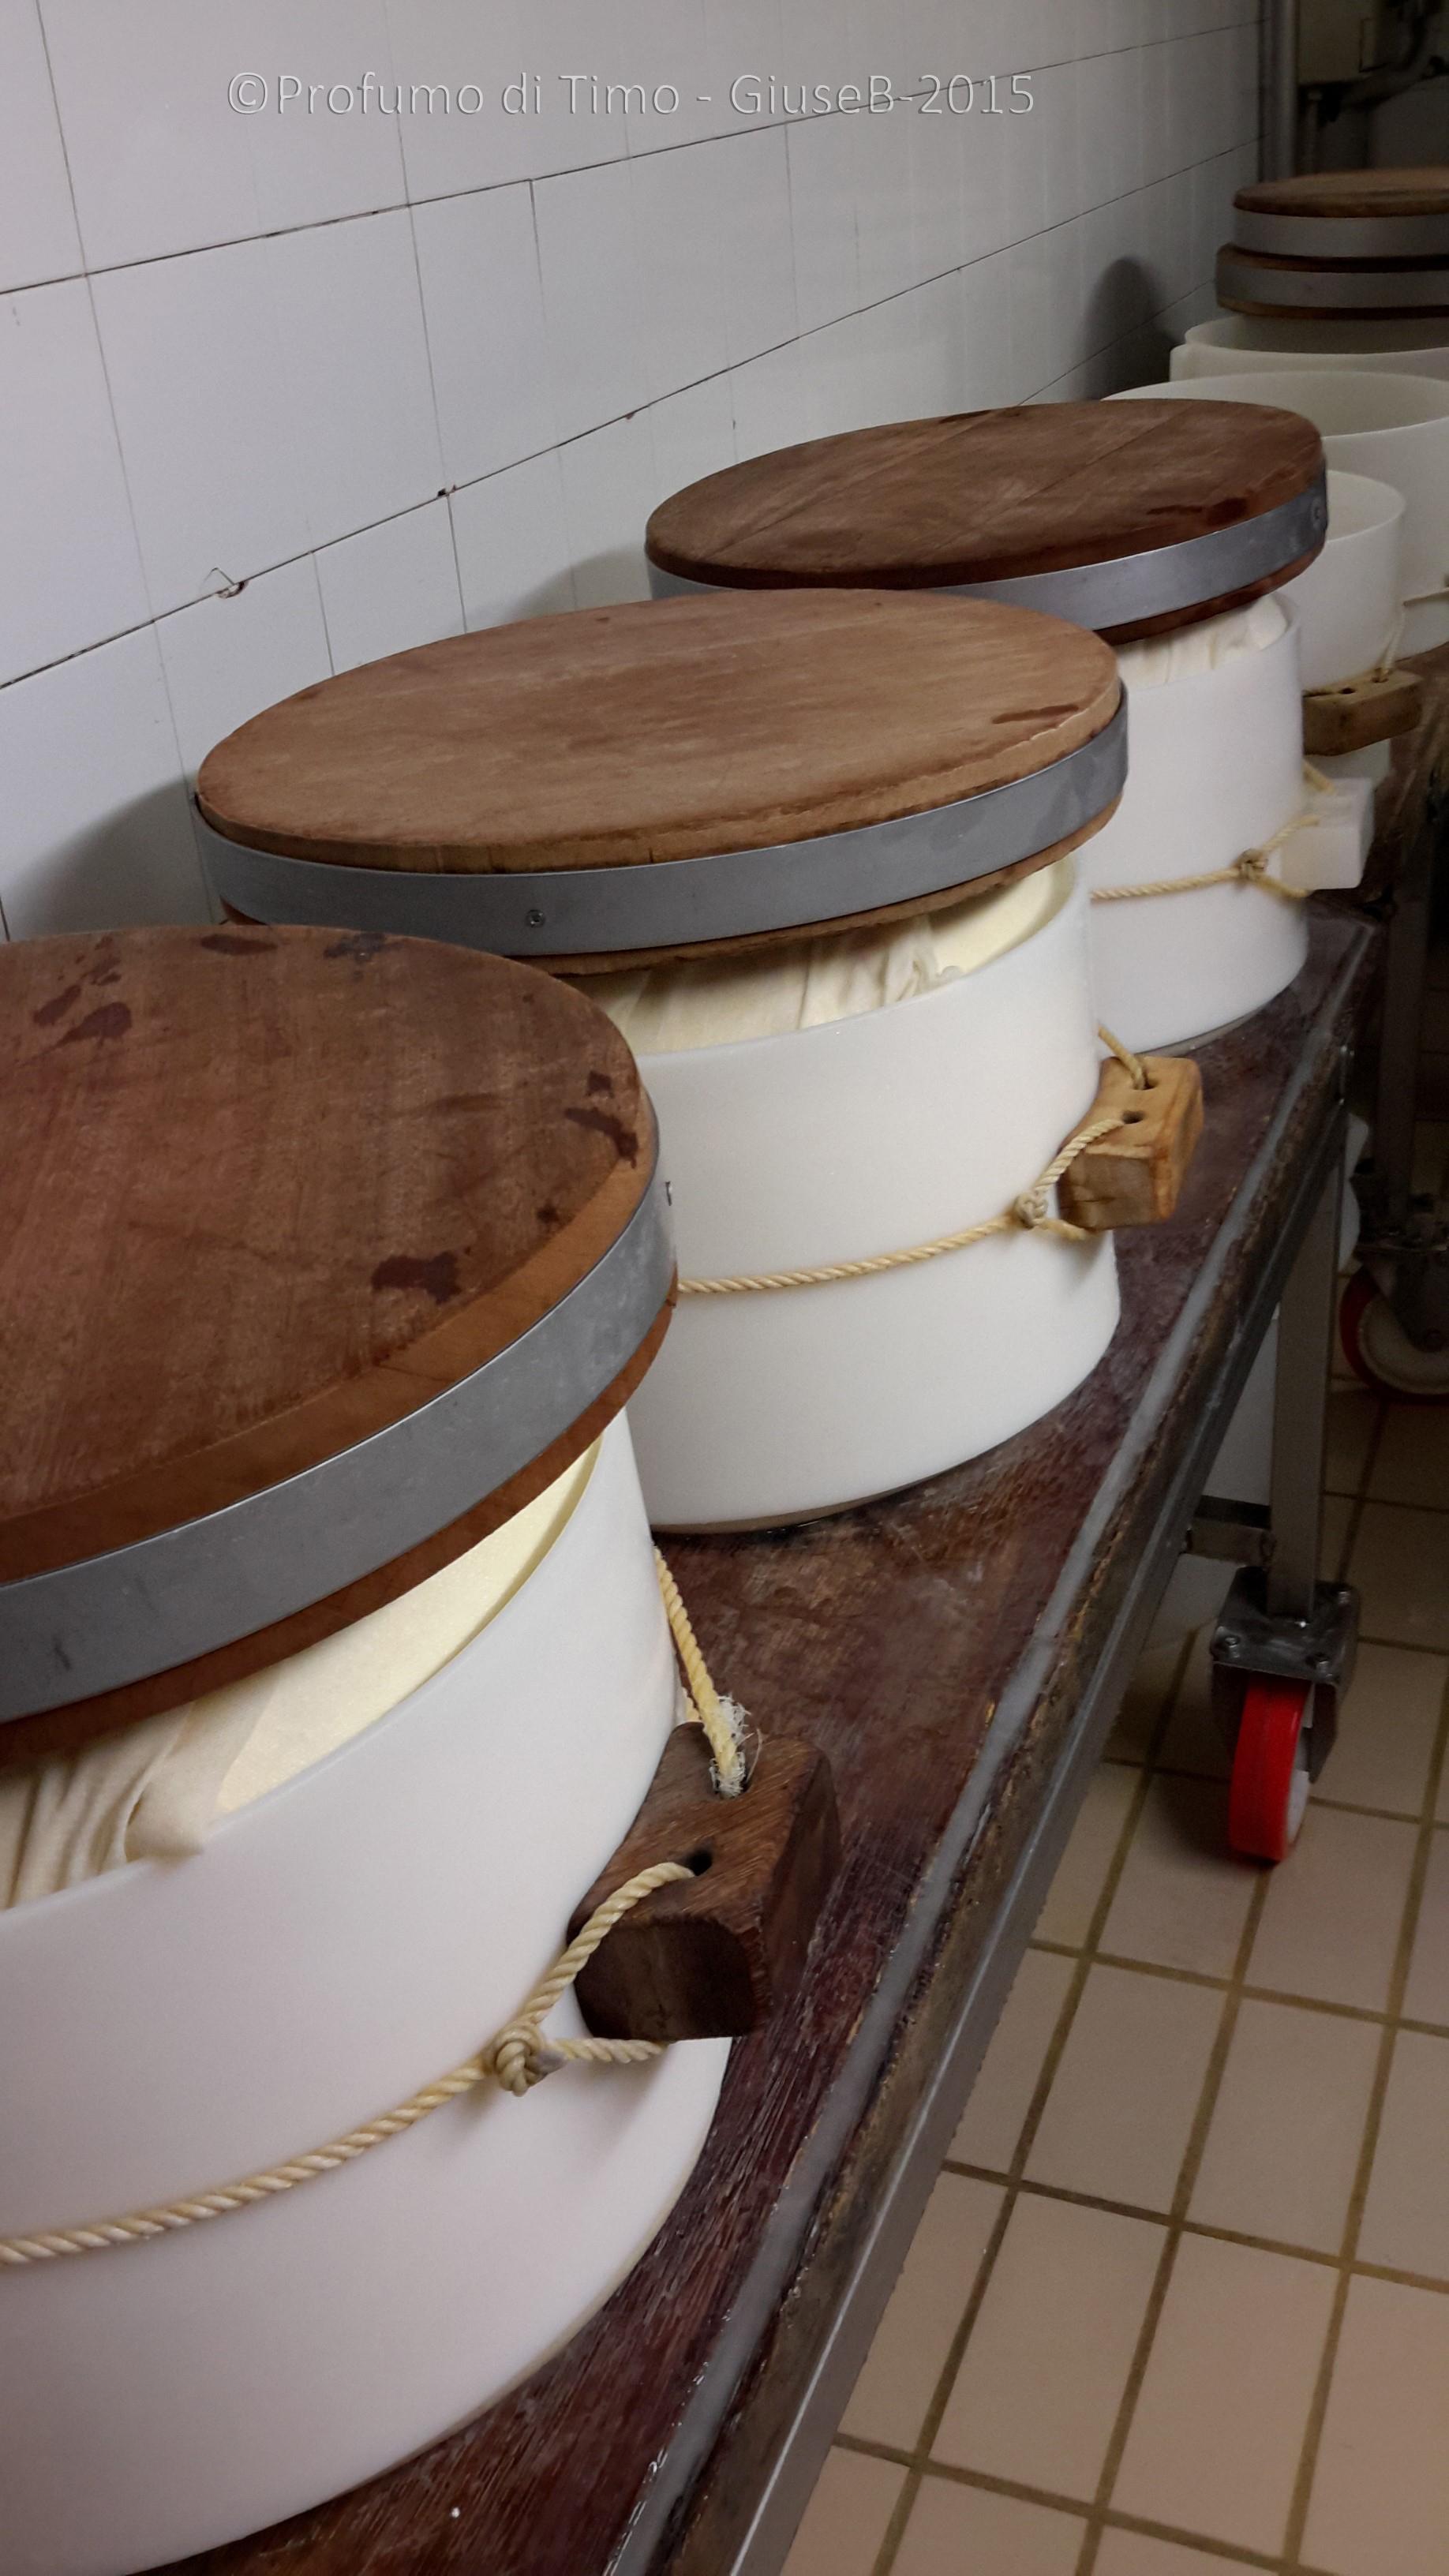 Parmigiano Reggiano Caseificio Sociale Coduro formatura